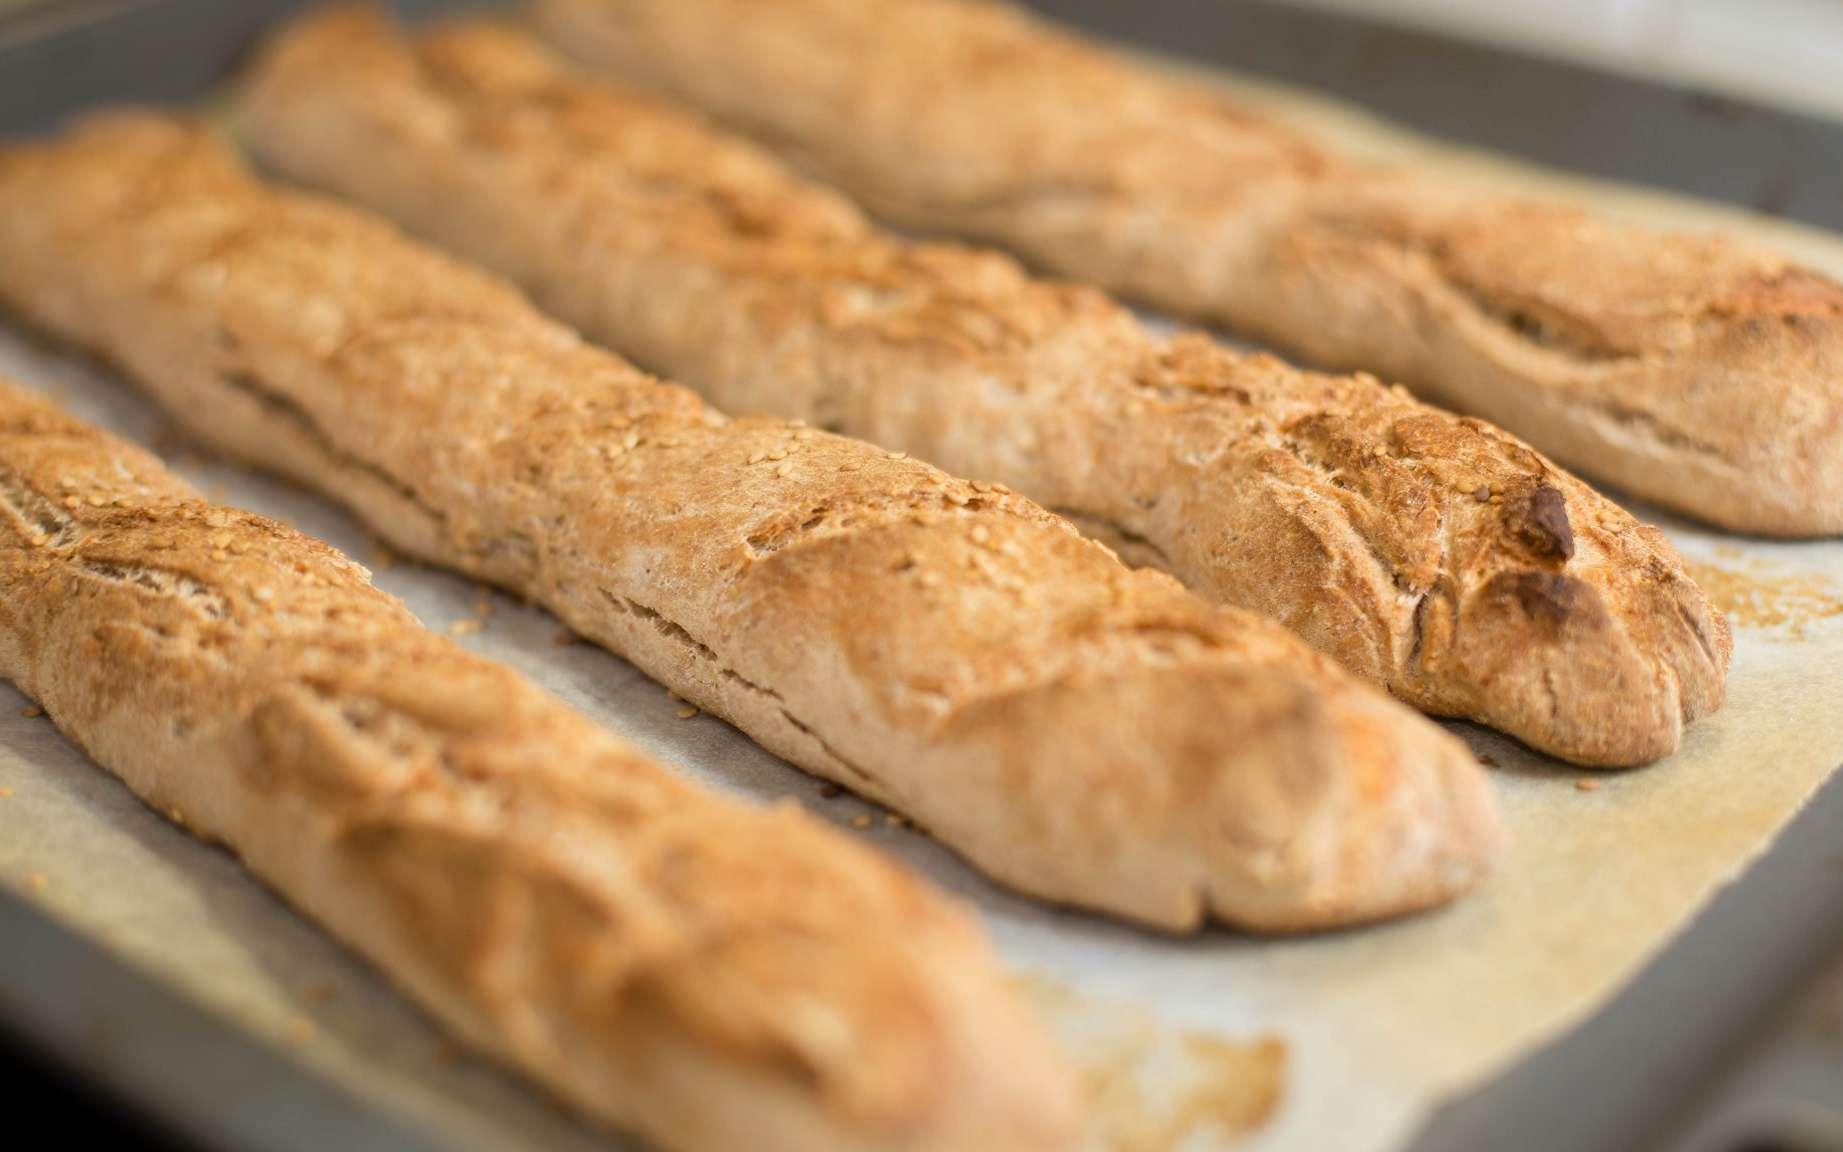 C'est une réaction chimique assez complexe qui est à l'origine de la couleur dorée du pain. © Nicola, Flickr, CC by 2.0